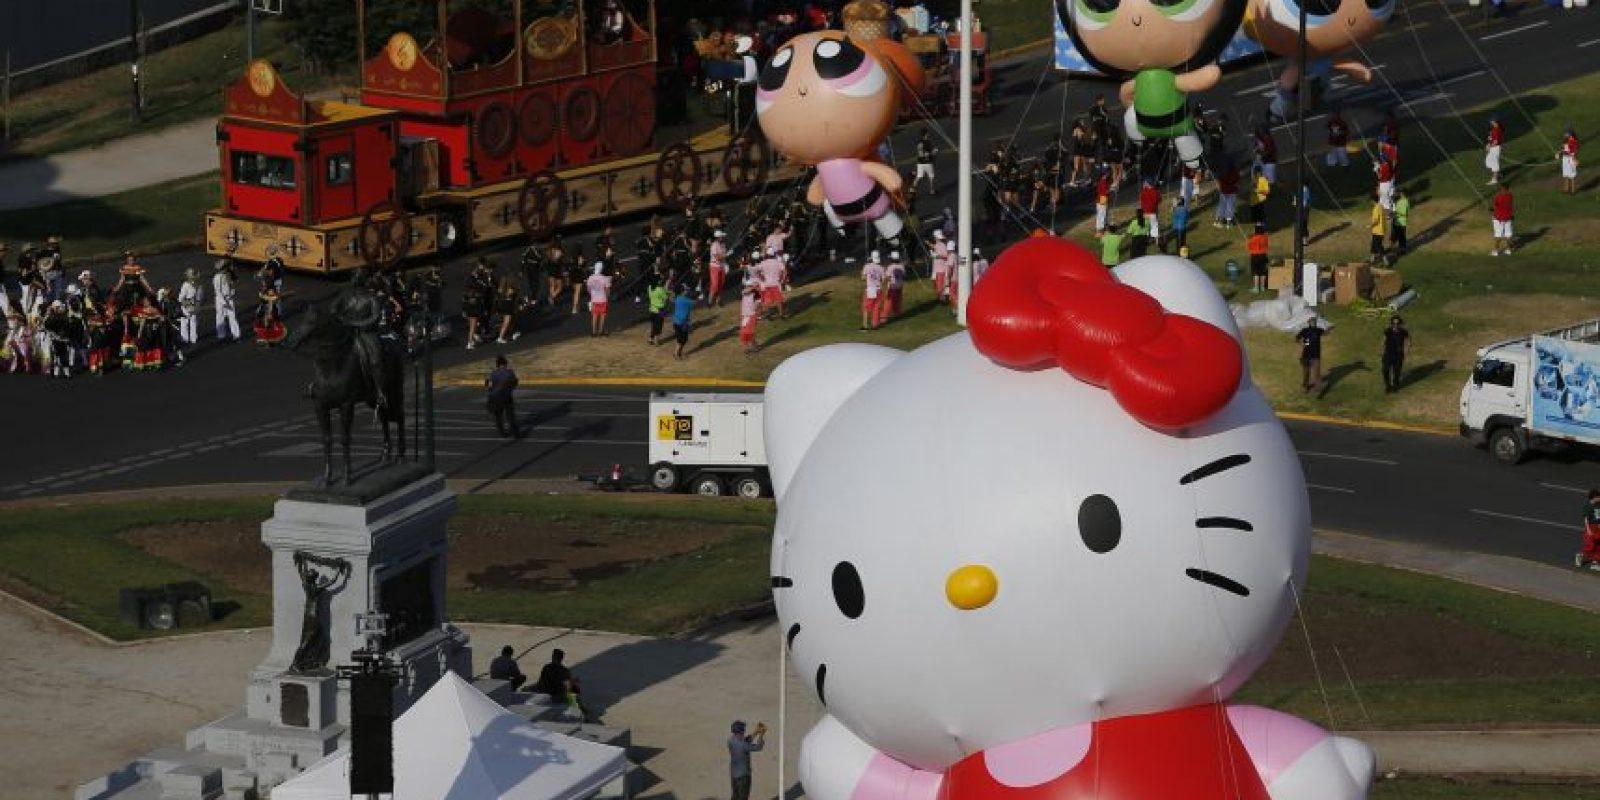 Las chicas superpoderosas y Hello Kitty también fueron parte de este espectáculo. Foto:Aton. Imagen Por: